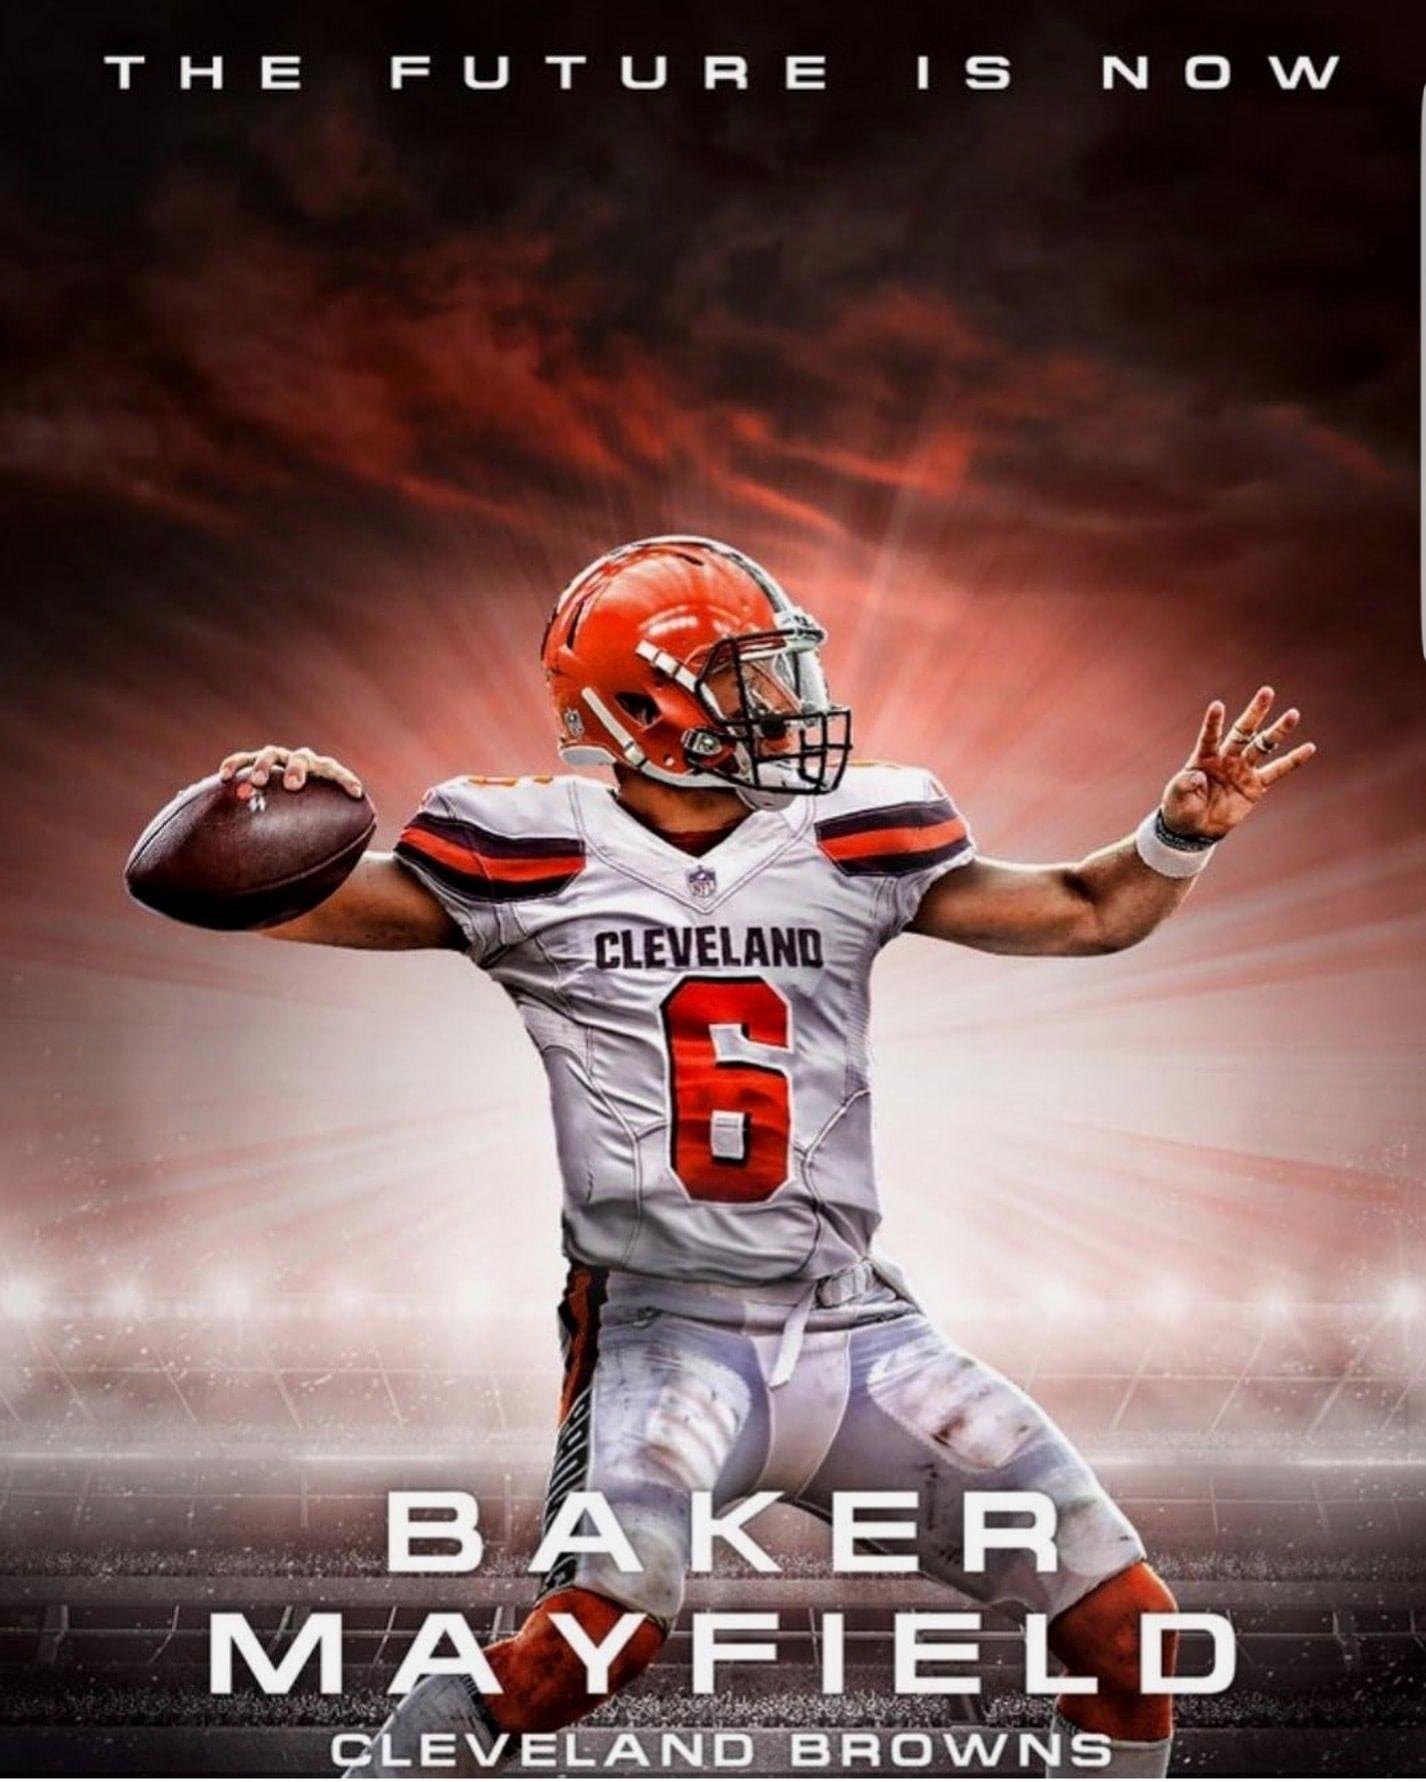 BAKER OU Football stars Cleveland browns football 1426x1782